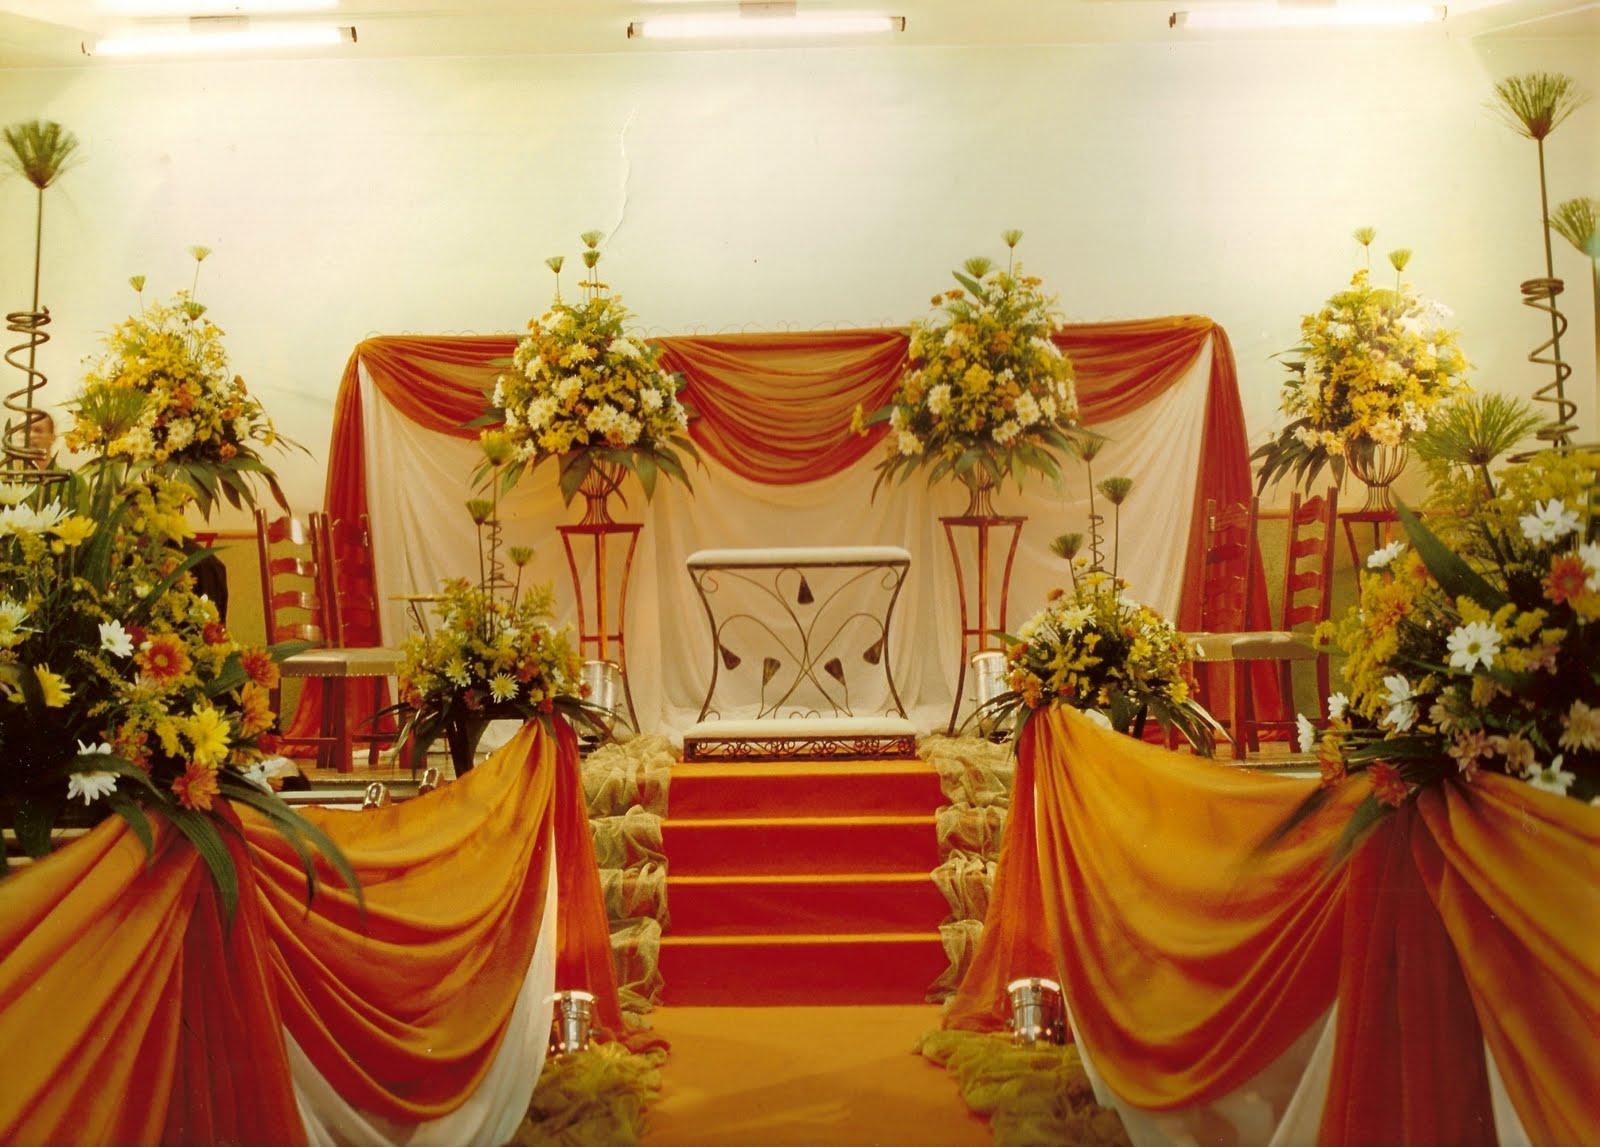 Decoração Com Voal ~ Decoraç u00e3o para Igrejas Evangélicas Dicas de Decoraç u00e3o de Casamento